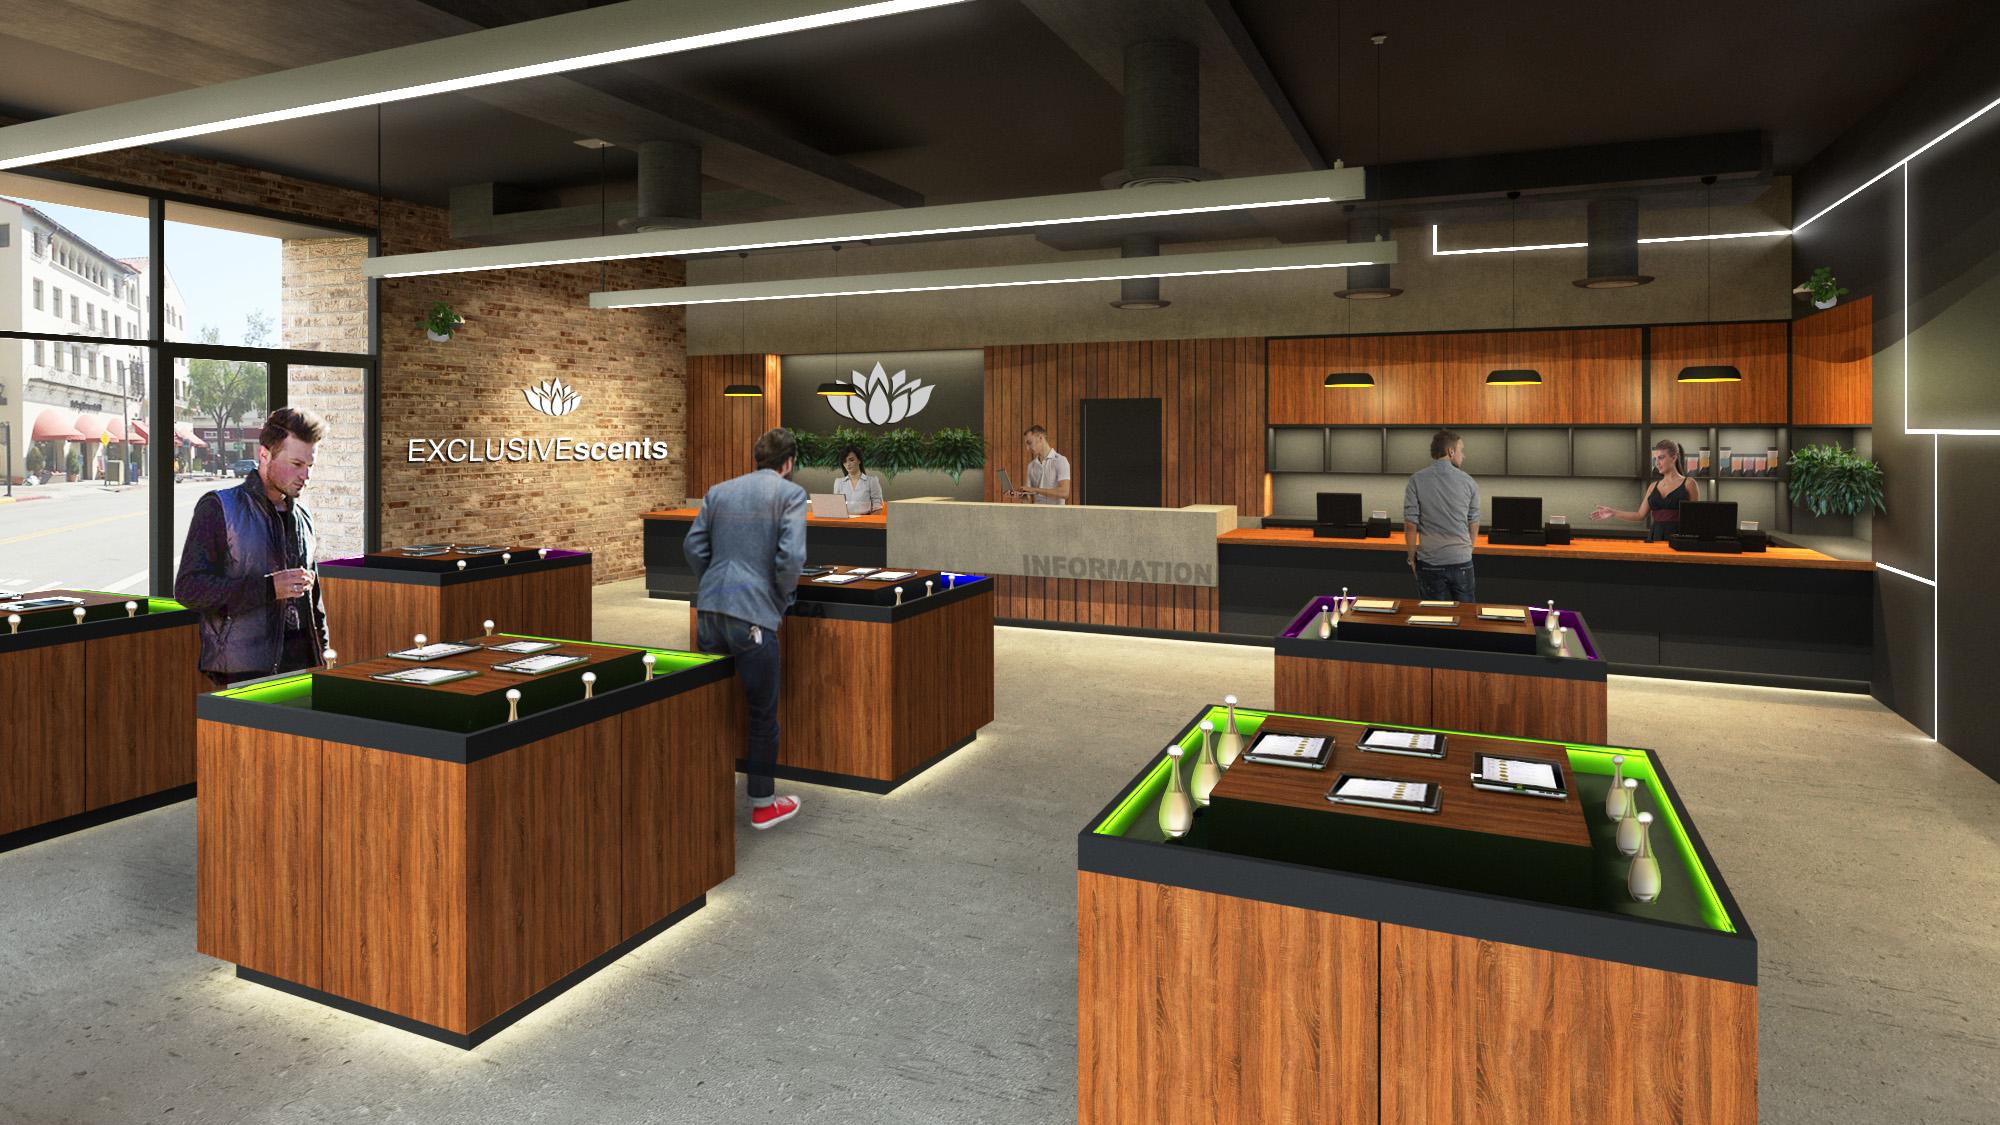 Modern Industrial Retail Interior Design.jpg